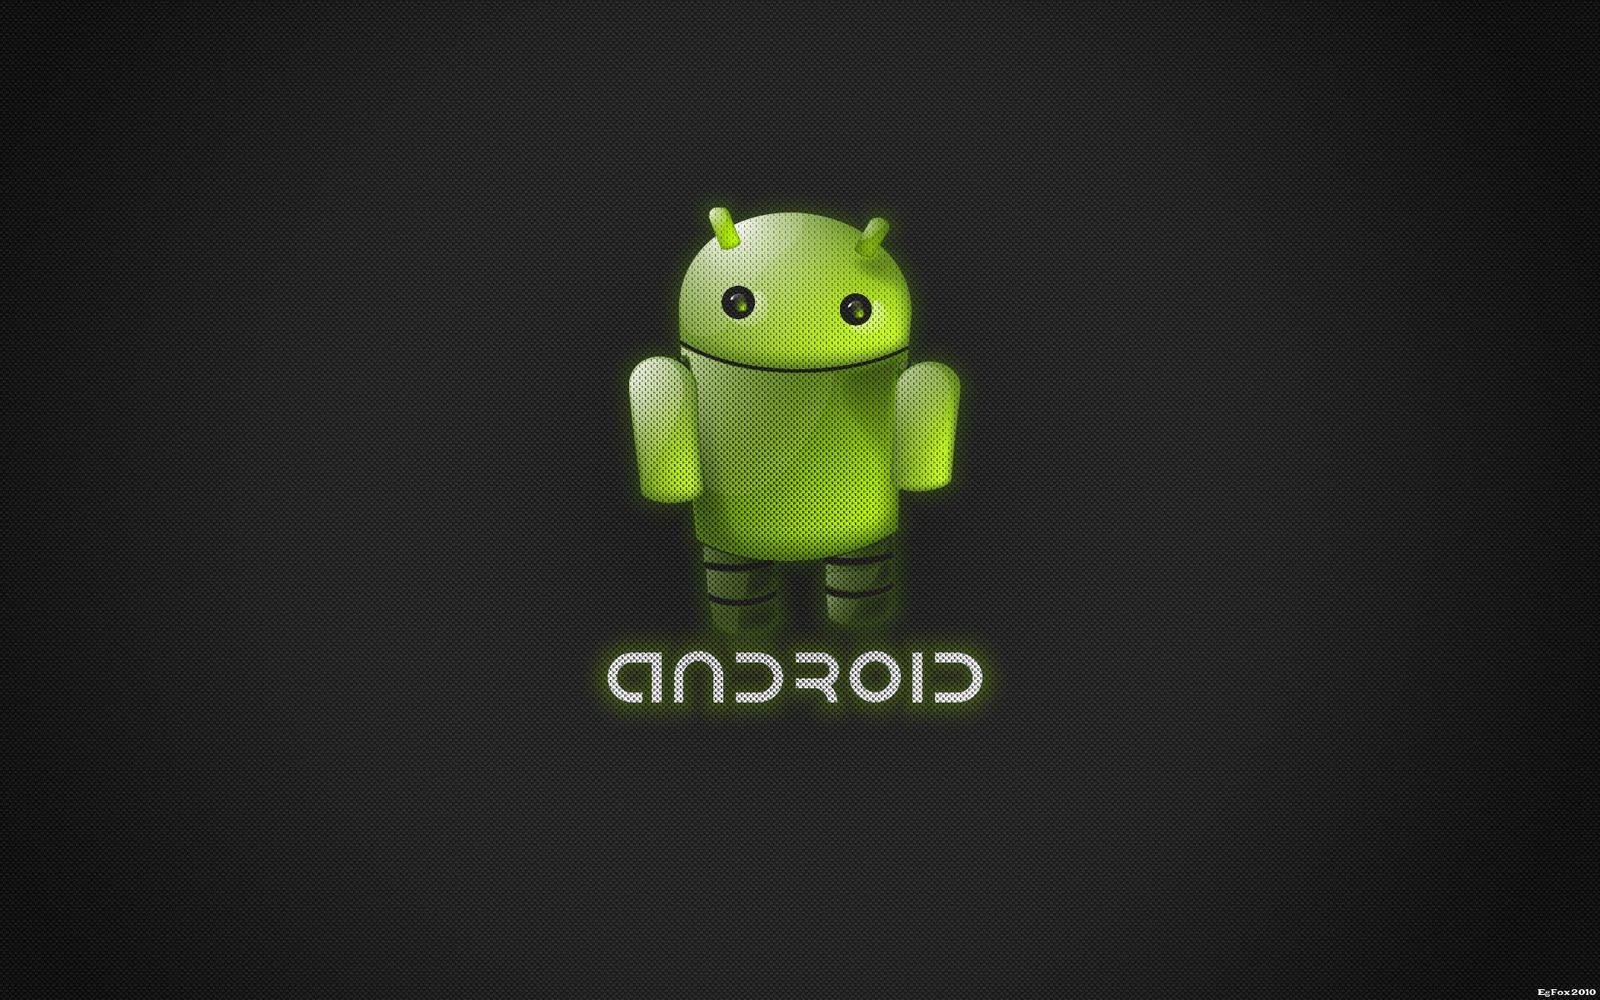 http://2.bp.blogspot.com/-_uIOAe4_3oA/TknjS5_9p4I/AAAAAAAABCM/g6nqgv2qnSY/s1600/Android-wallpaper+%25286%2529.jpg